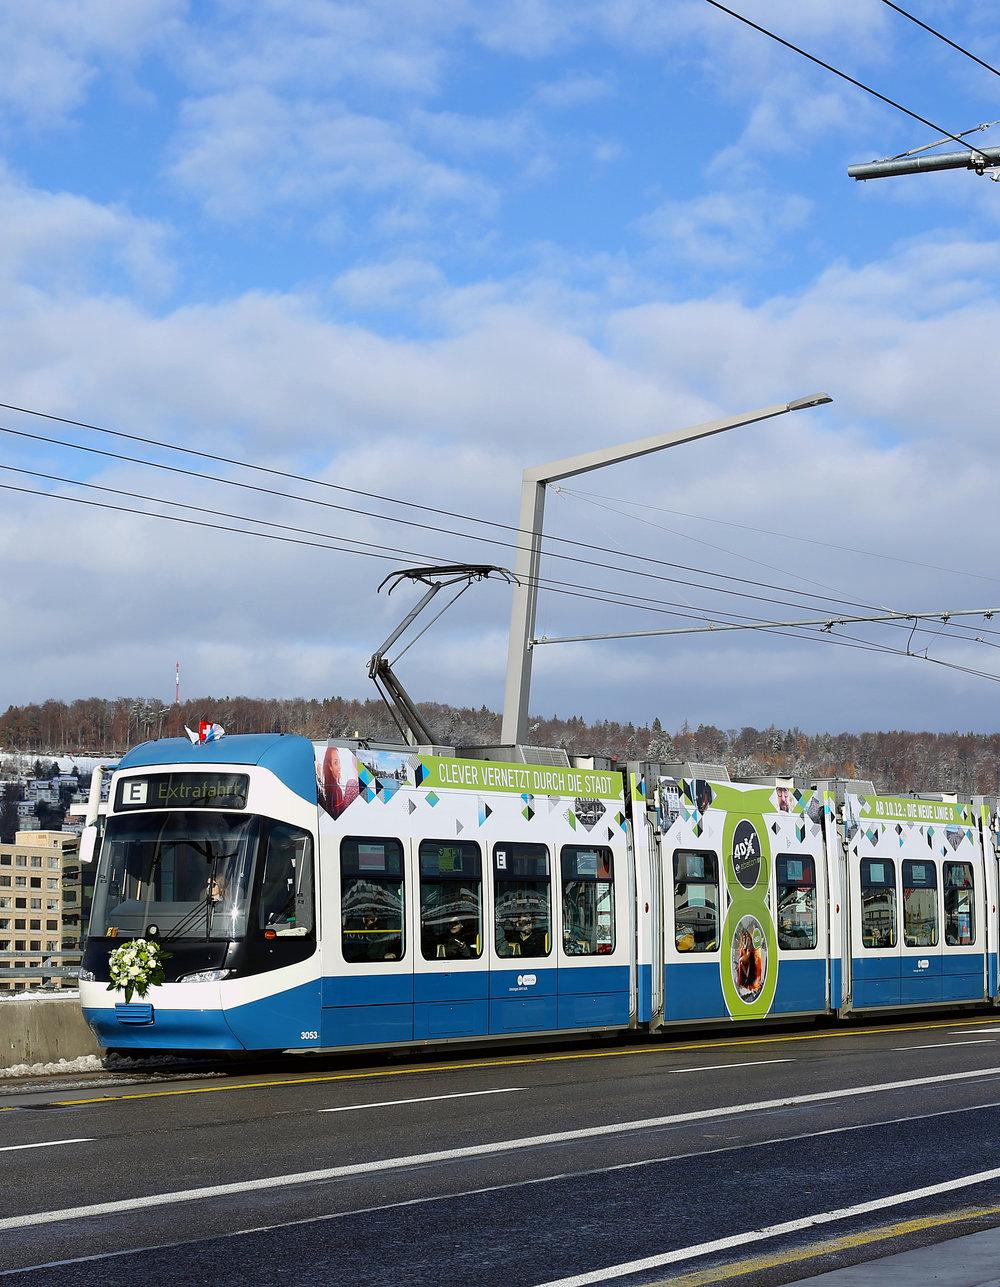 Spezialprojekte… - …. wie zur Neueröfffnung der Hardbrücke in Zürich mit Spezialwerbeformen auf den Trams…